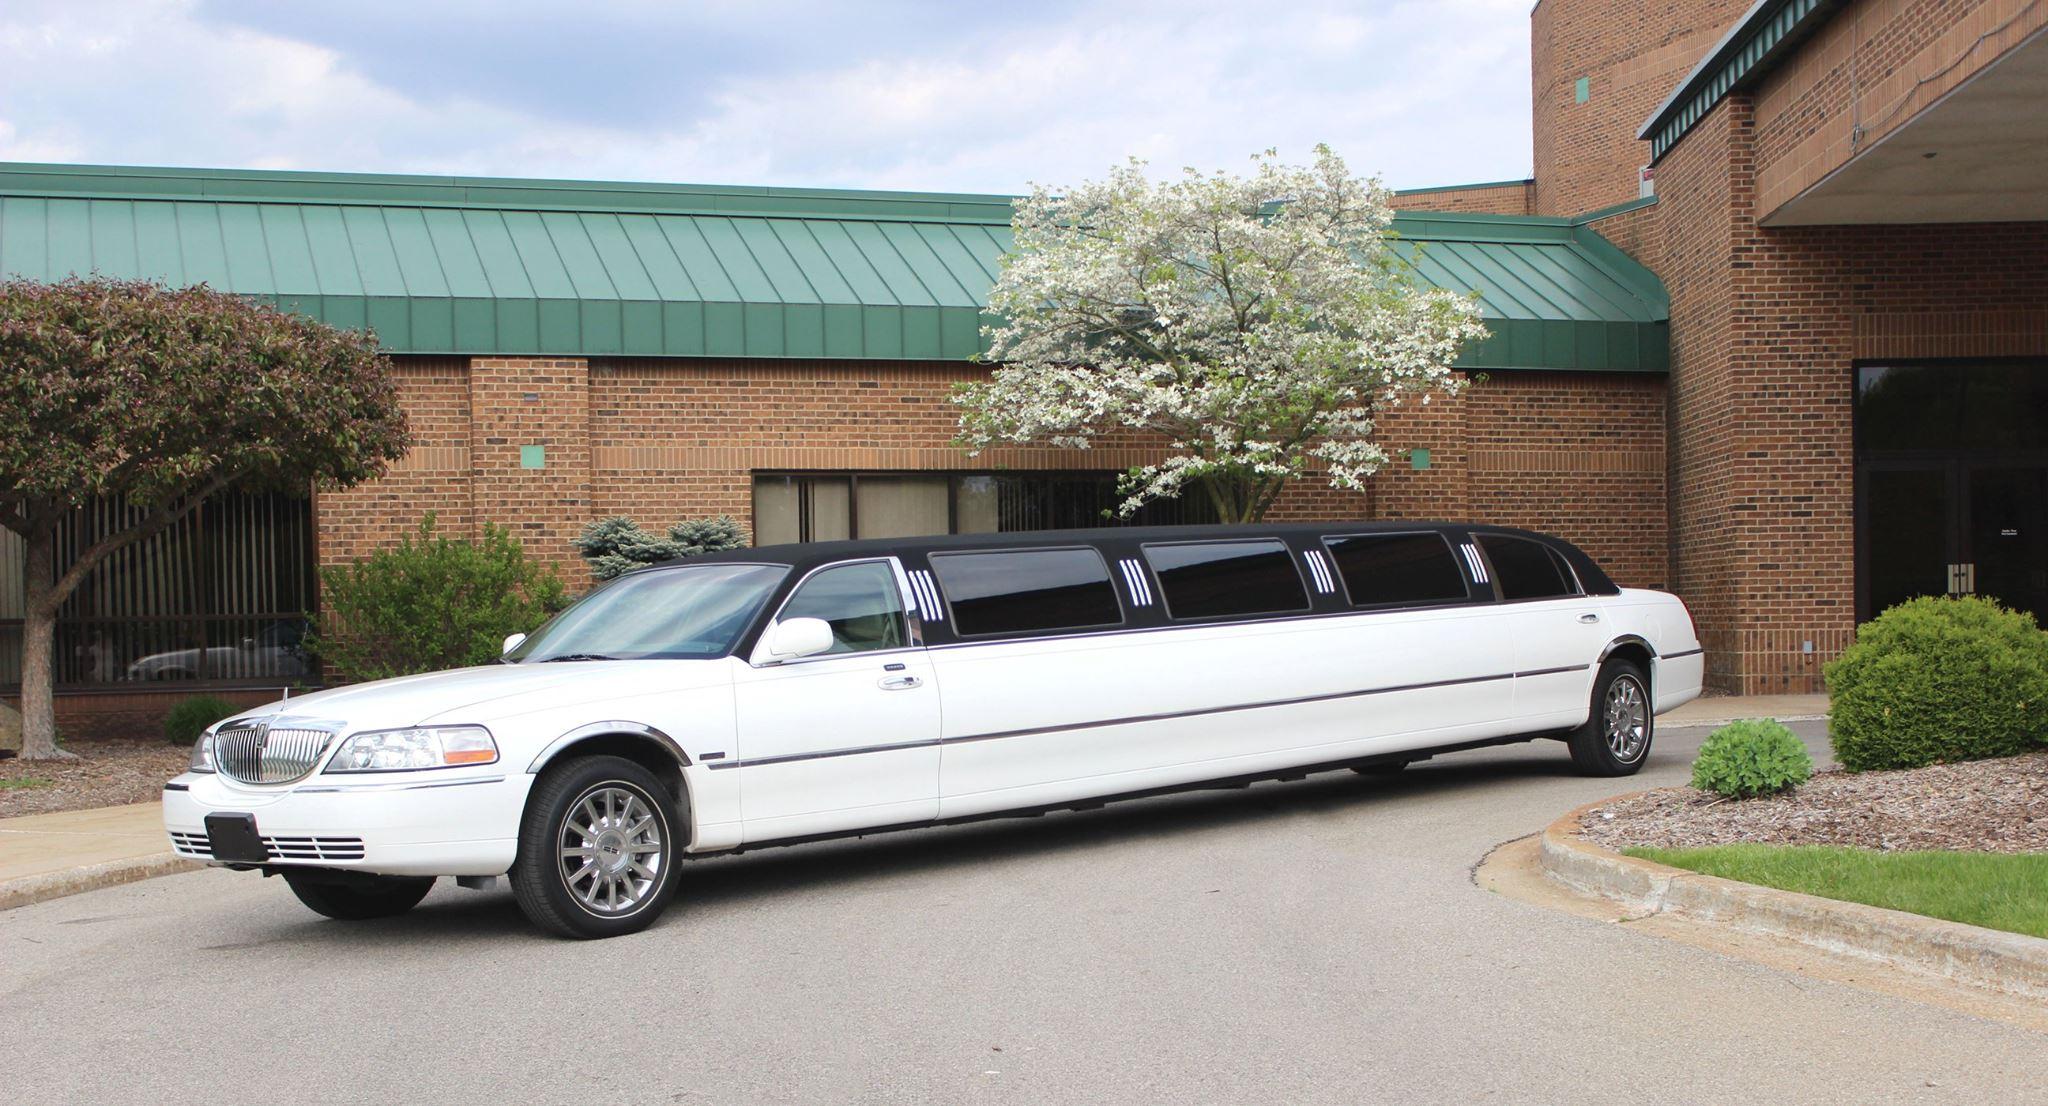 14 Passenger Lincoln Towncar Affordable Limousine